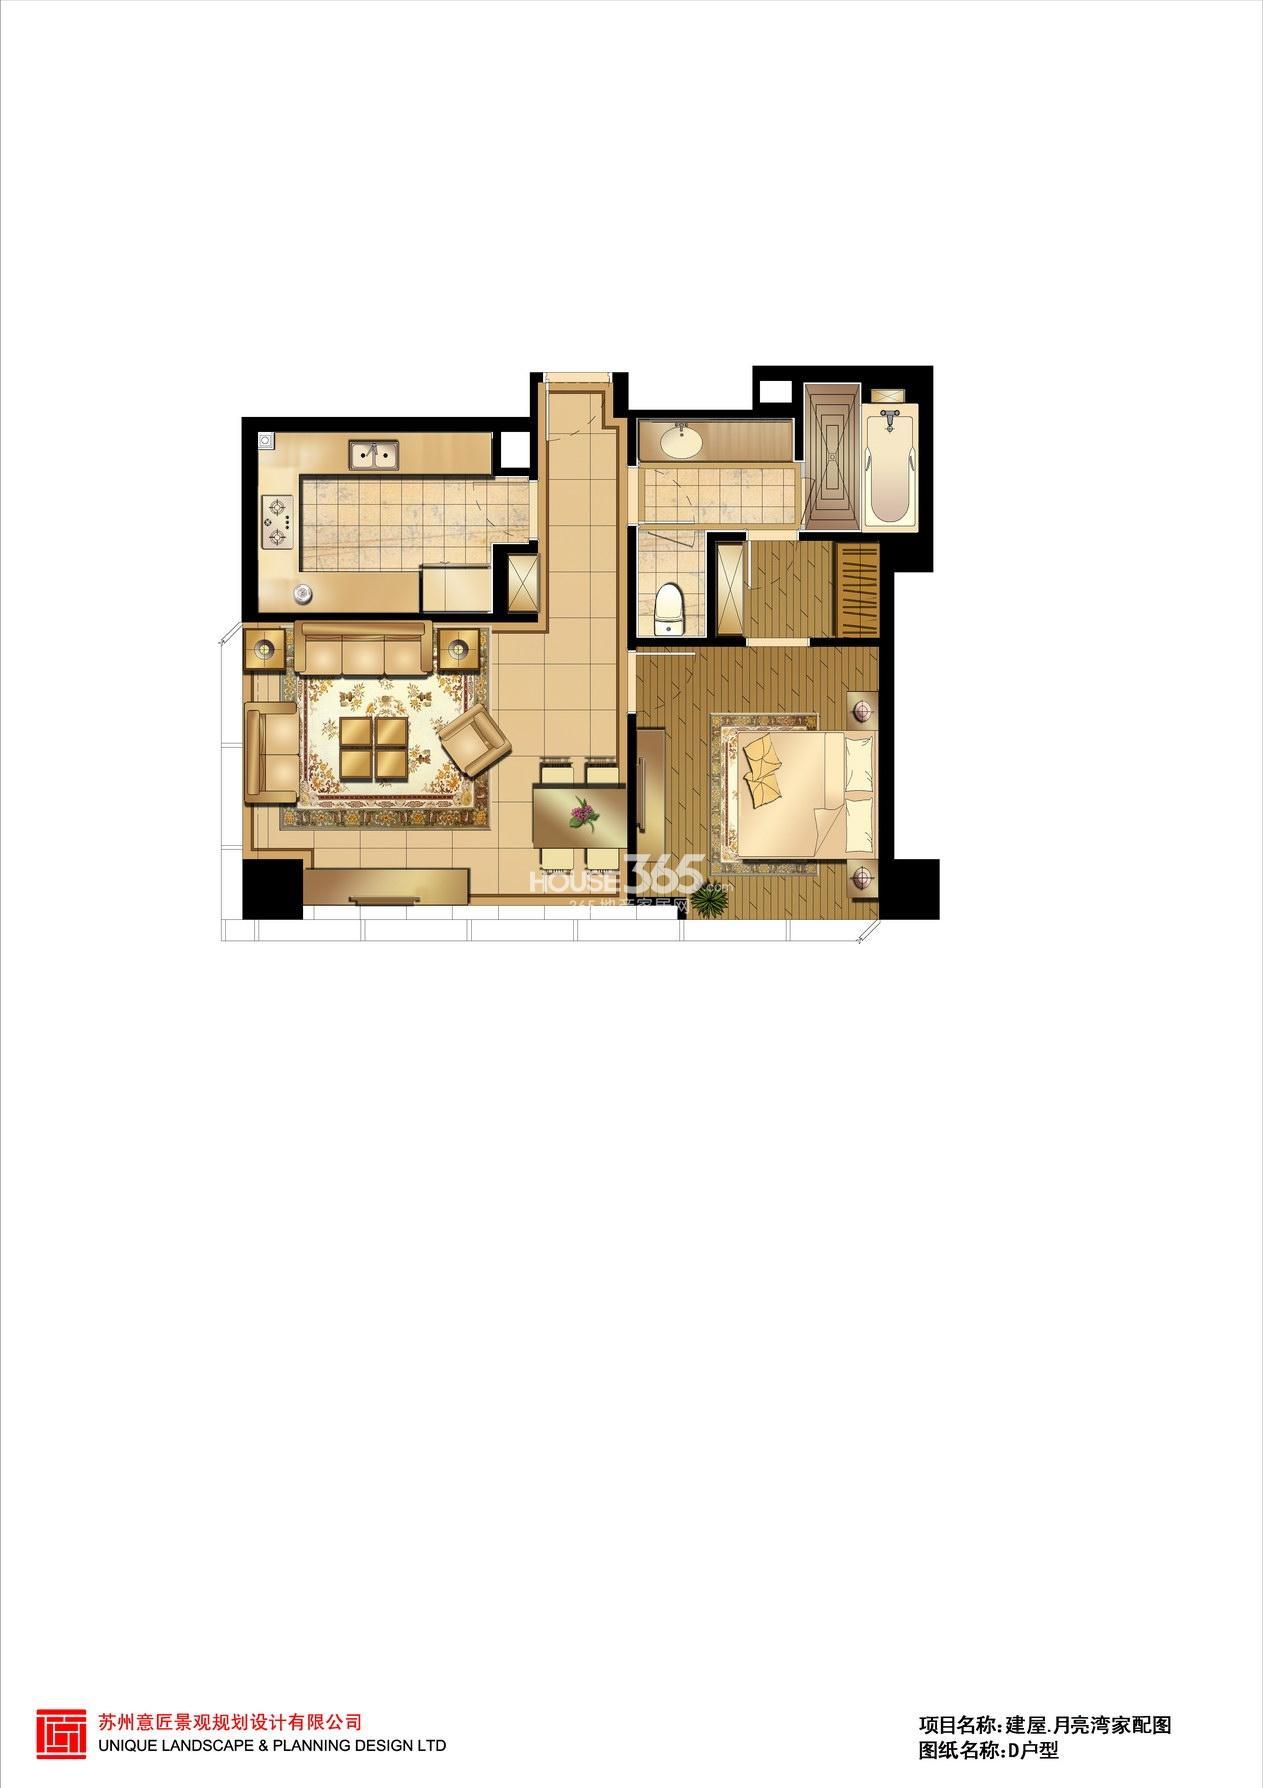 建屋紫宸庭 D户型_94平米_一室一厅一卫 94平